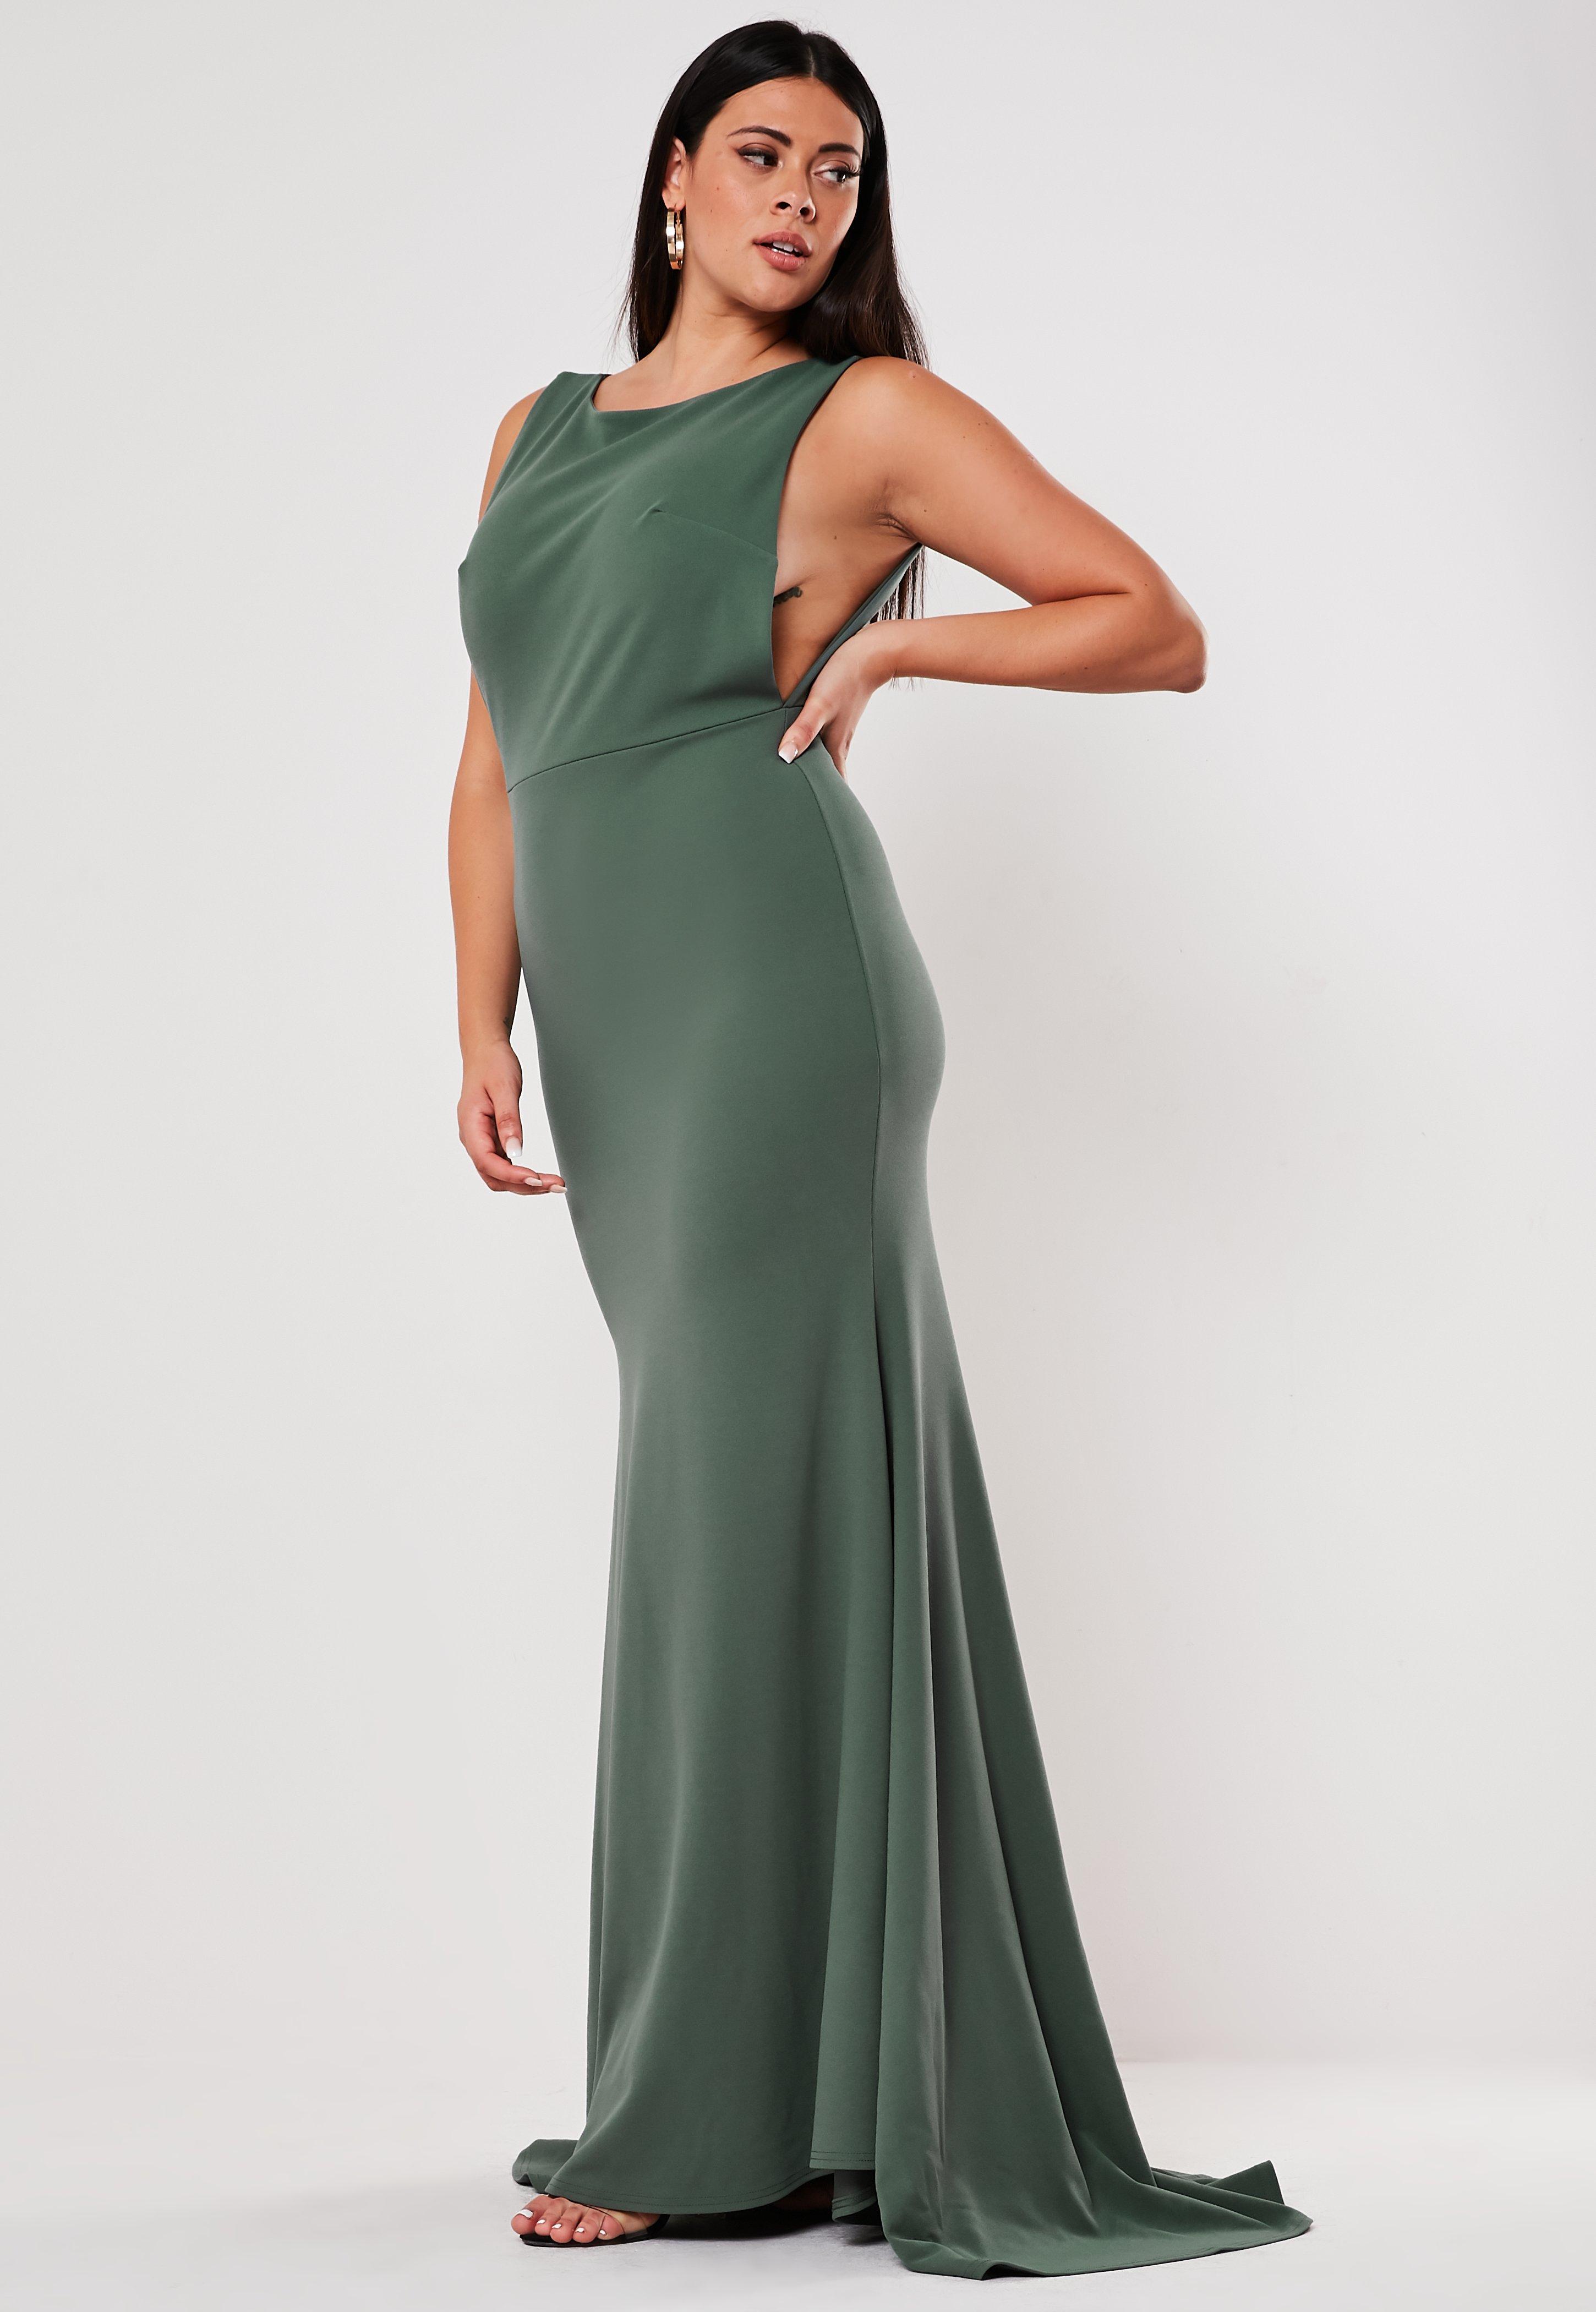 garantie de haute qualité achat original style actuel Robe longue de demoiselle d'honneur verte Grandes tailles